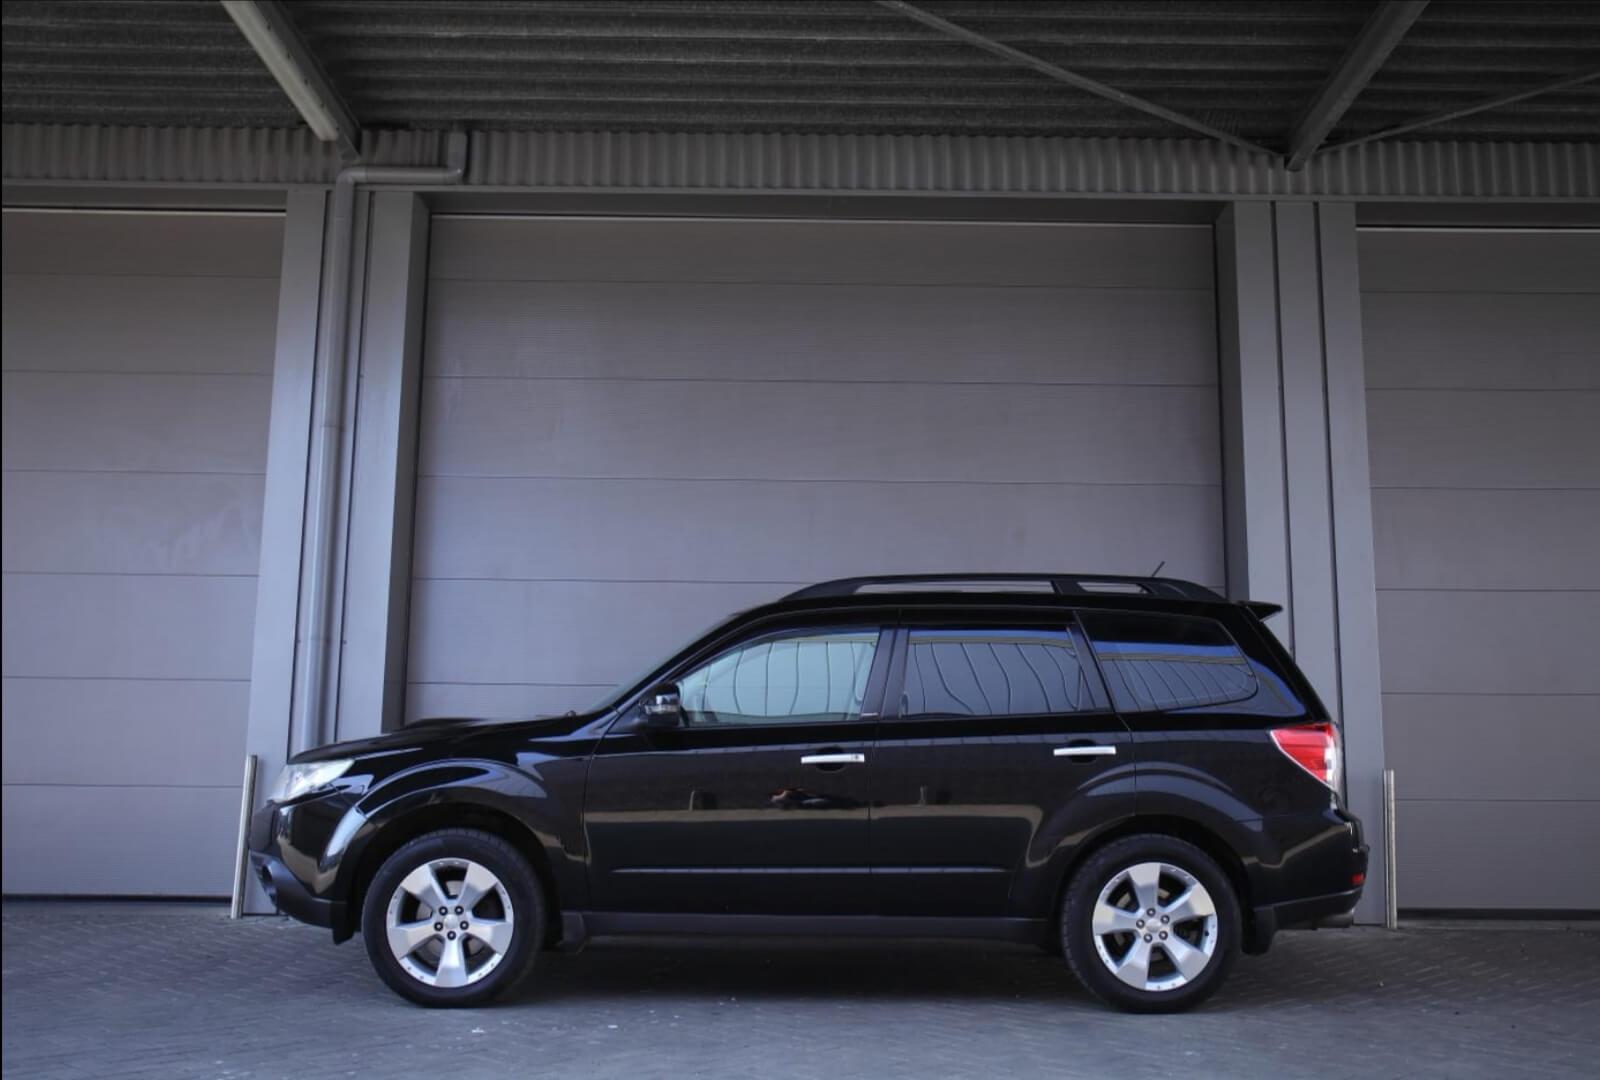 Subaru Forester side – by Next Level Automotive – Go to nextlevelautomotive.eu